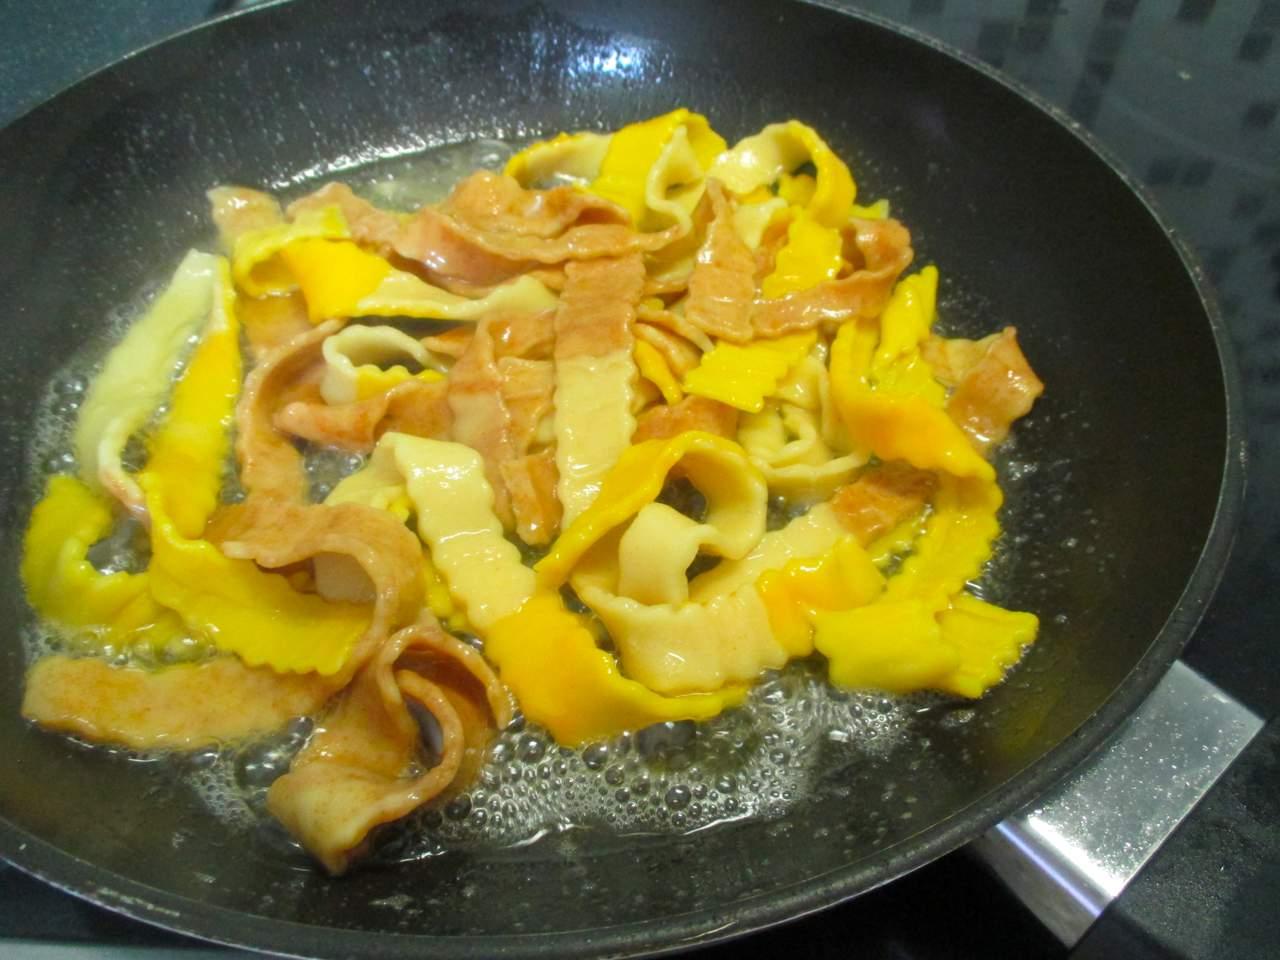 In einer Pfanne mit Butter und Olivenöl die Nudeln kurz schwenken